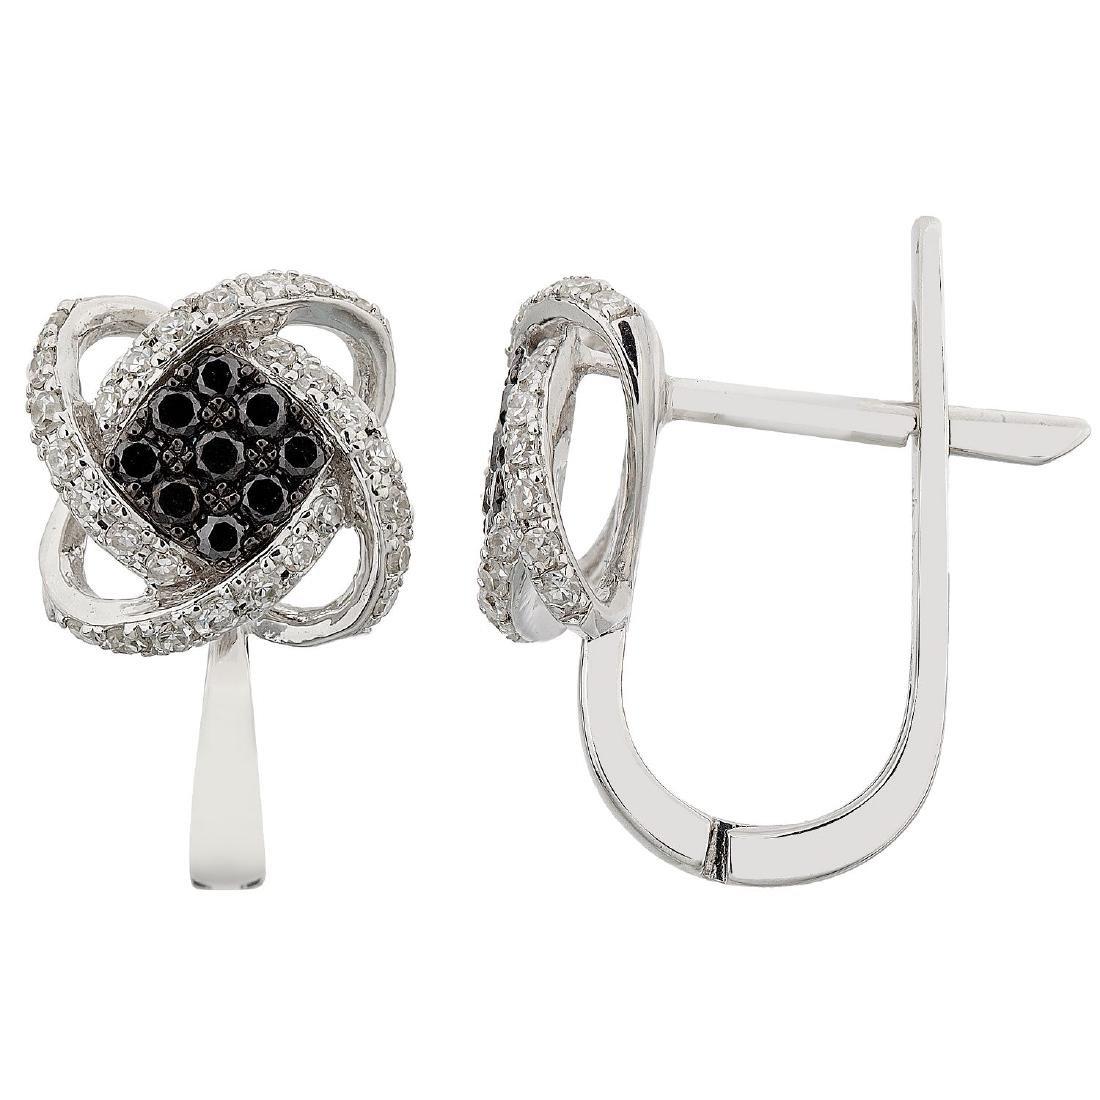 14KT White Gold Diamond Earrings - 2